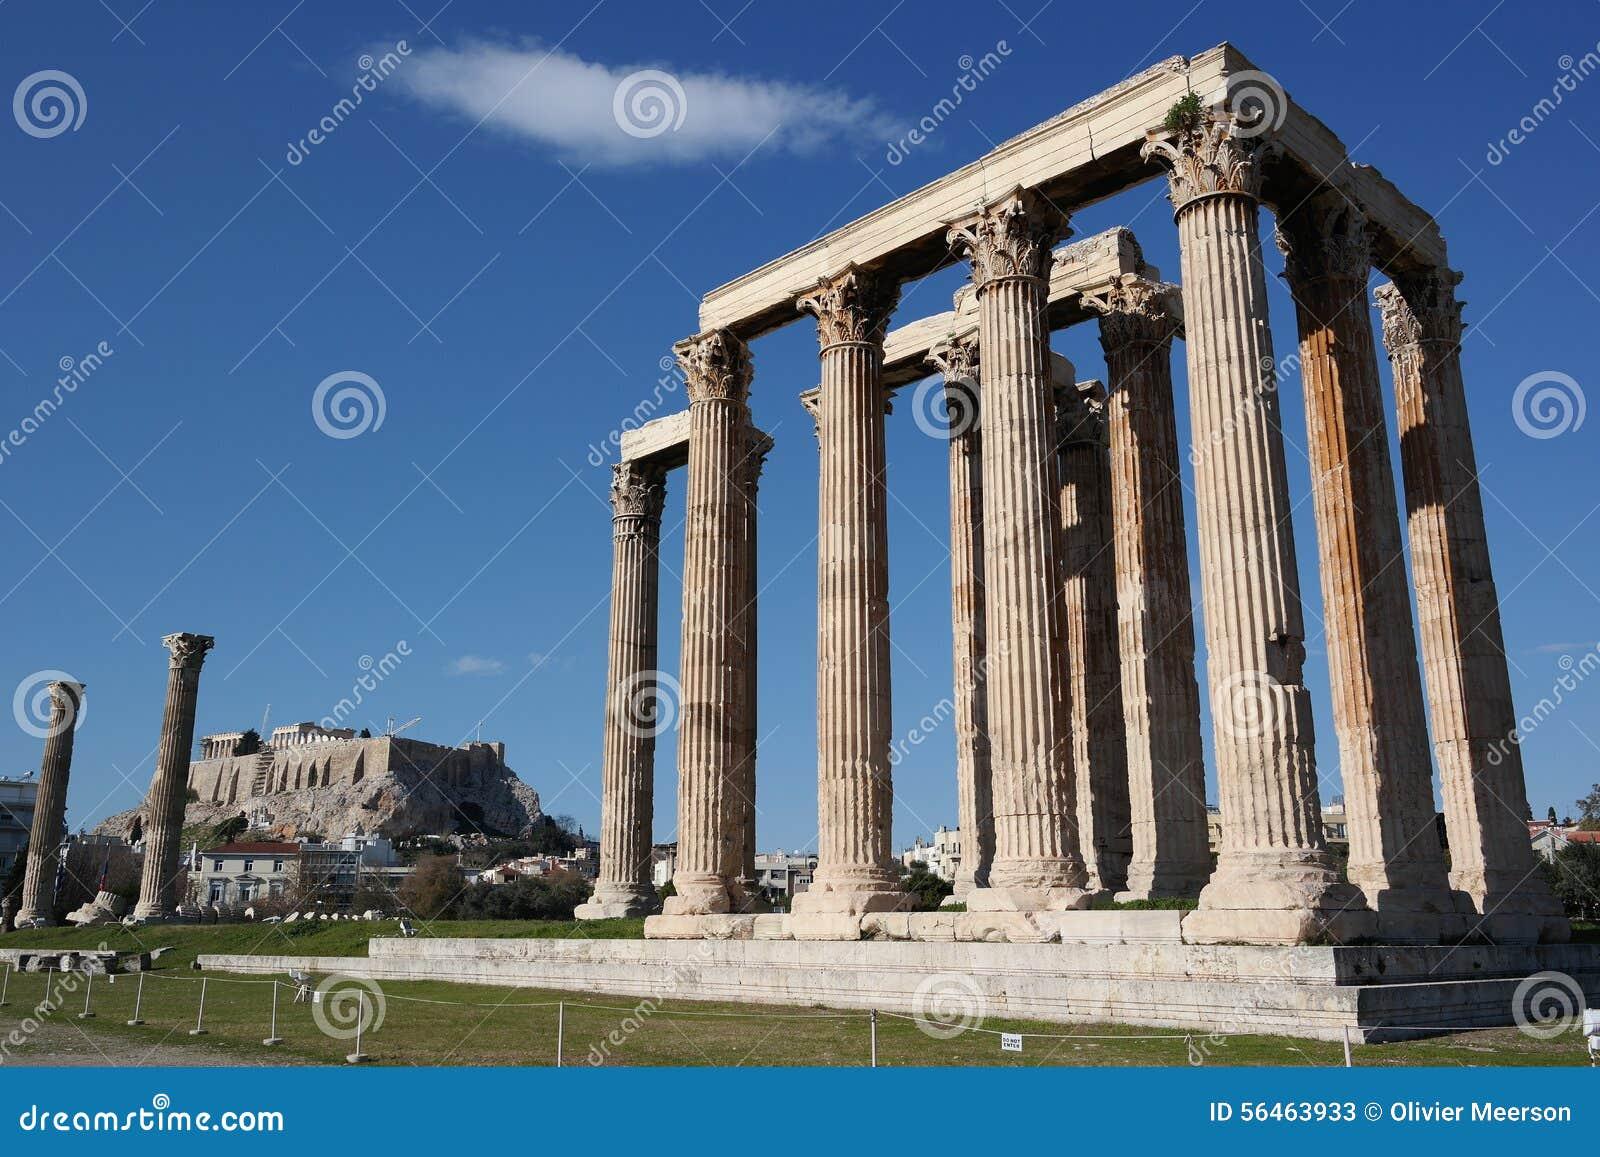 Templo del zeus olímpico, Atenas, acrópolis en el fondo